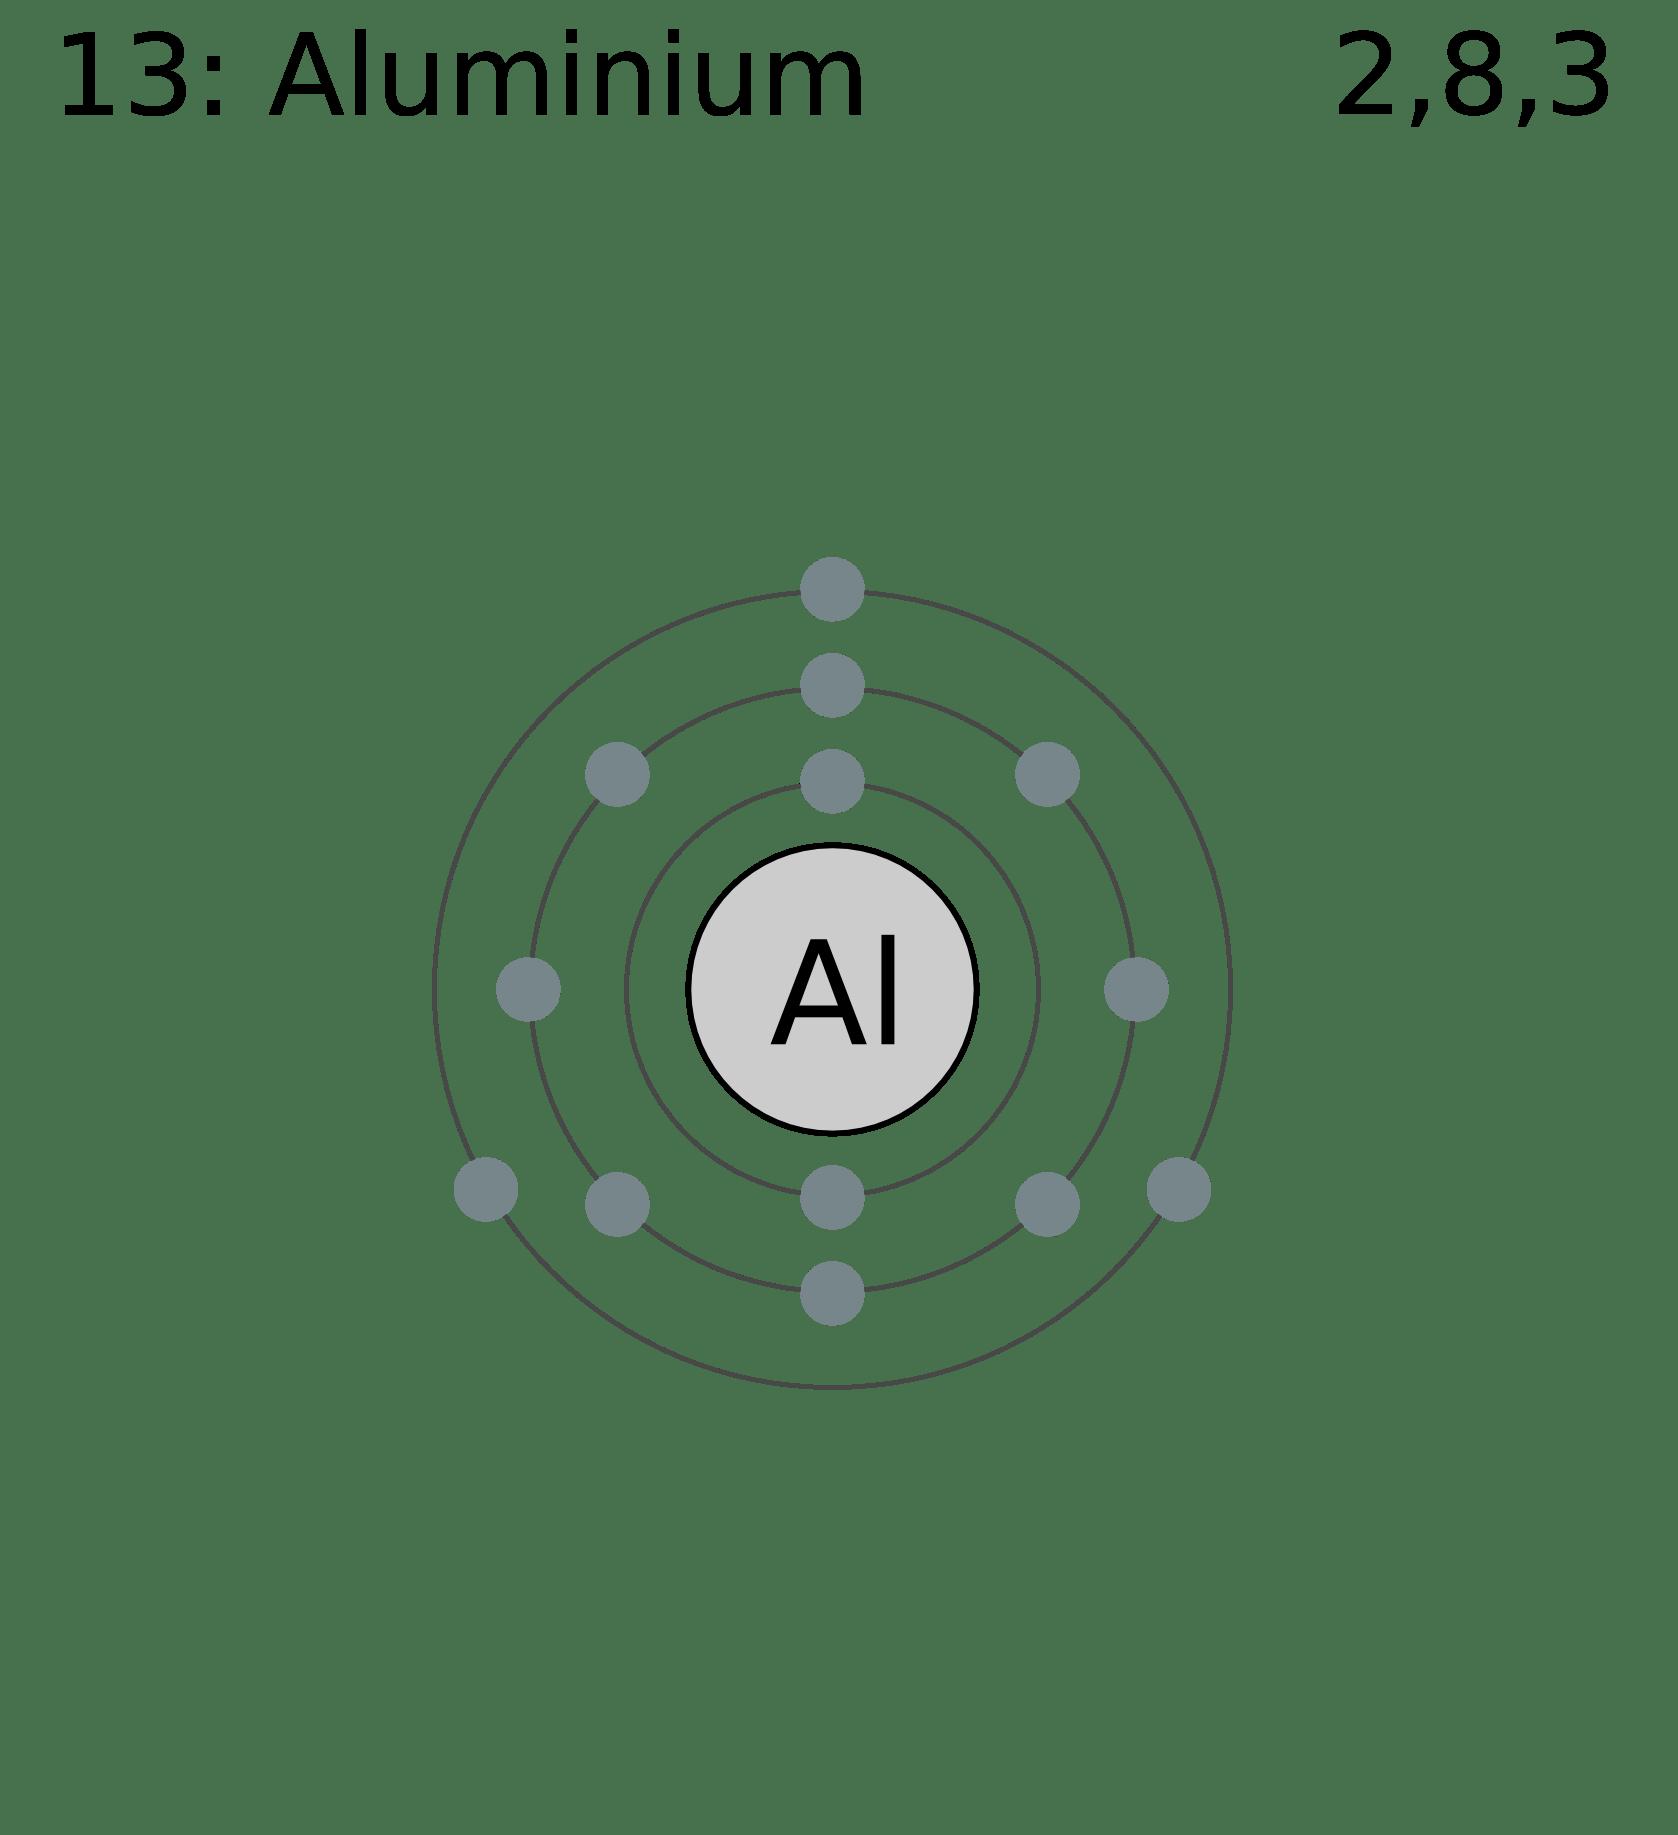 File Electron Shell 013 Aluminium